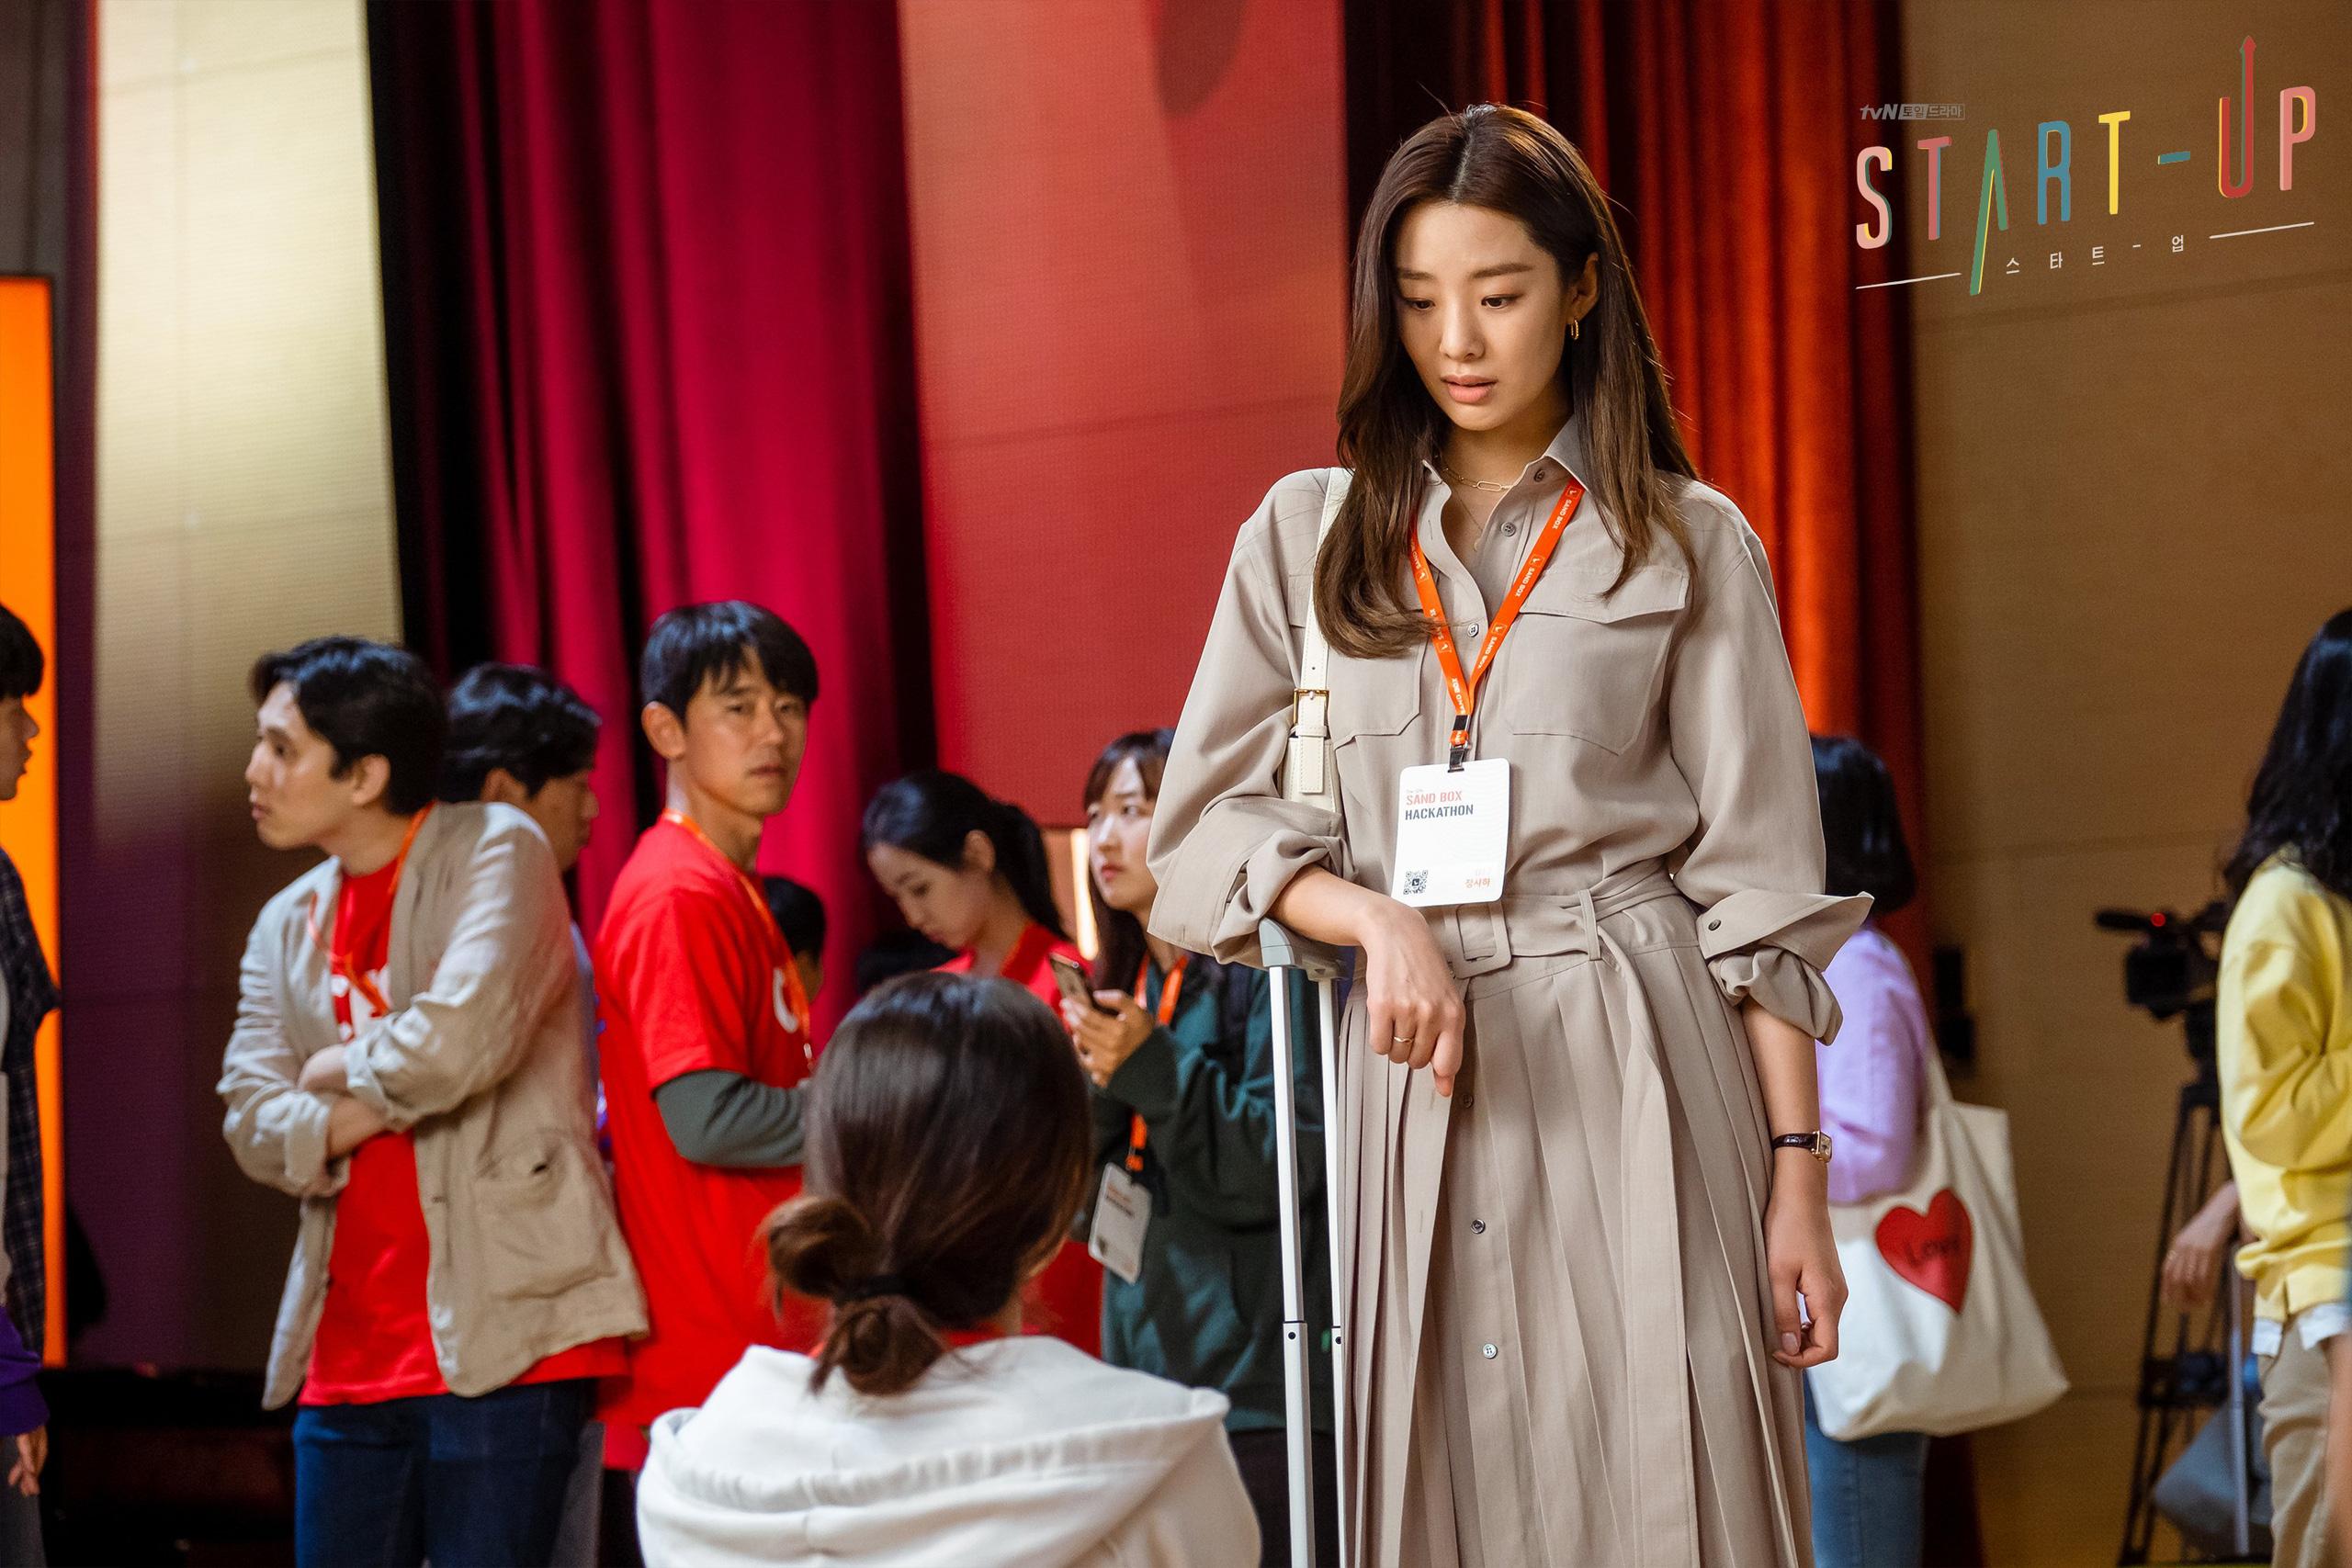 11 outfit công sở hot nhất trong các drama Hàn: Đơn giản và chuẩn thanh lịch, xua tan nỗi lo mặc xấu khi đi làm - Ảnh 2.